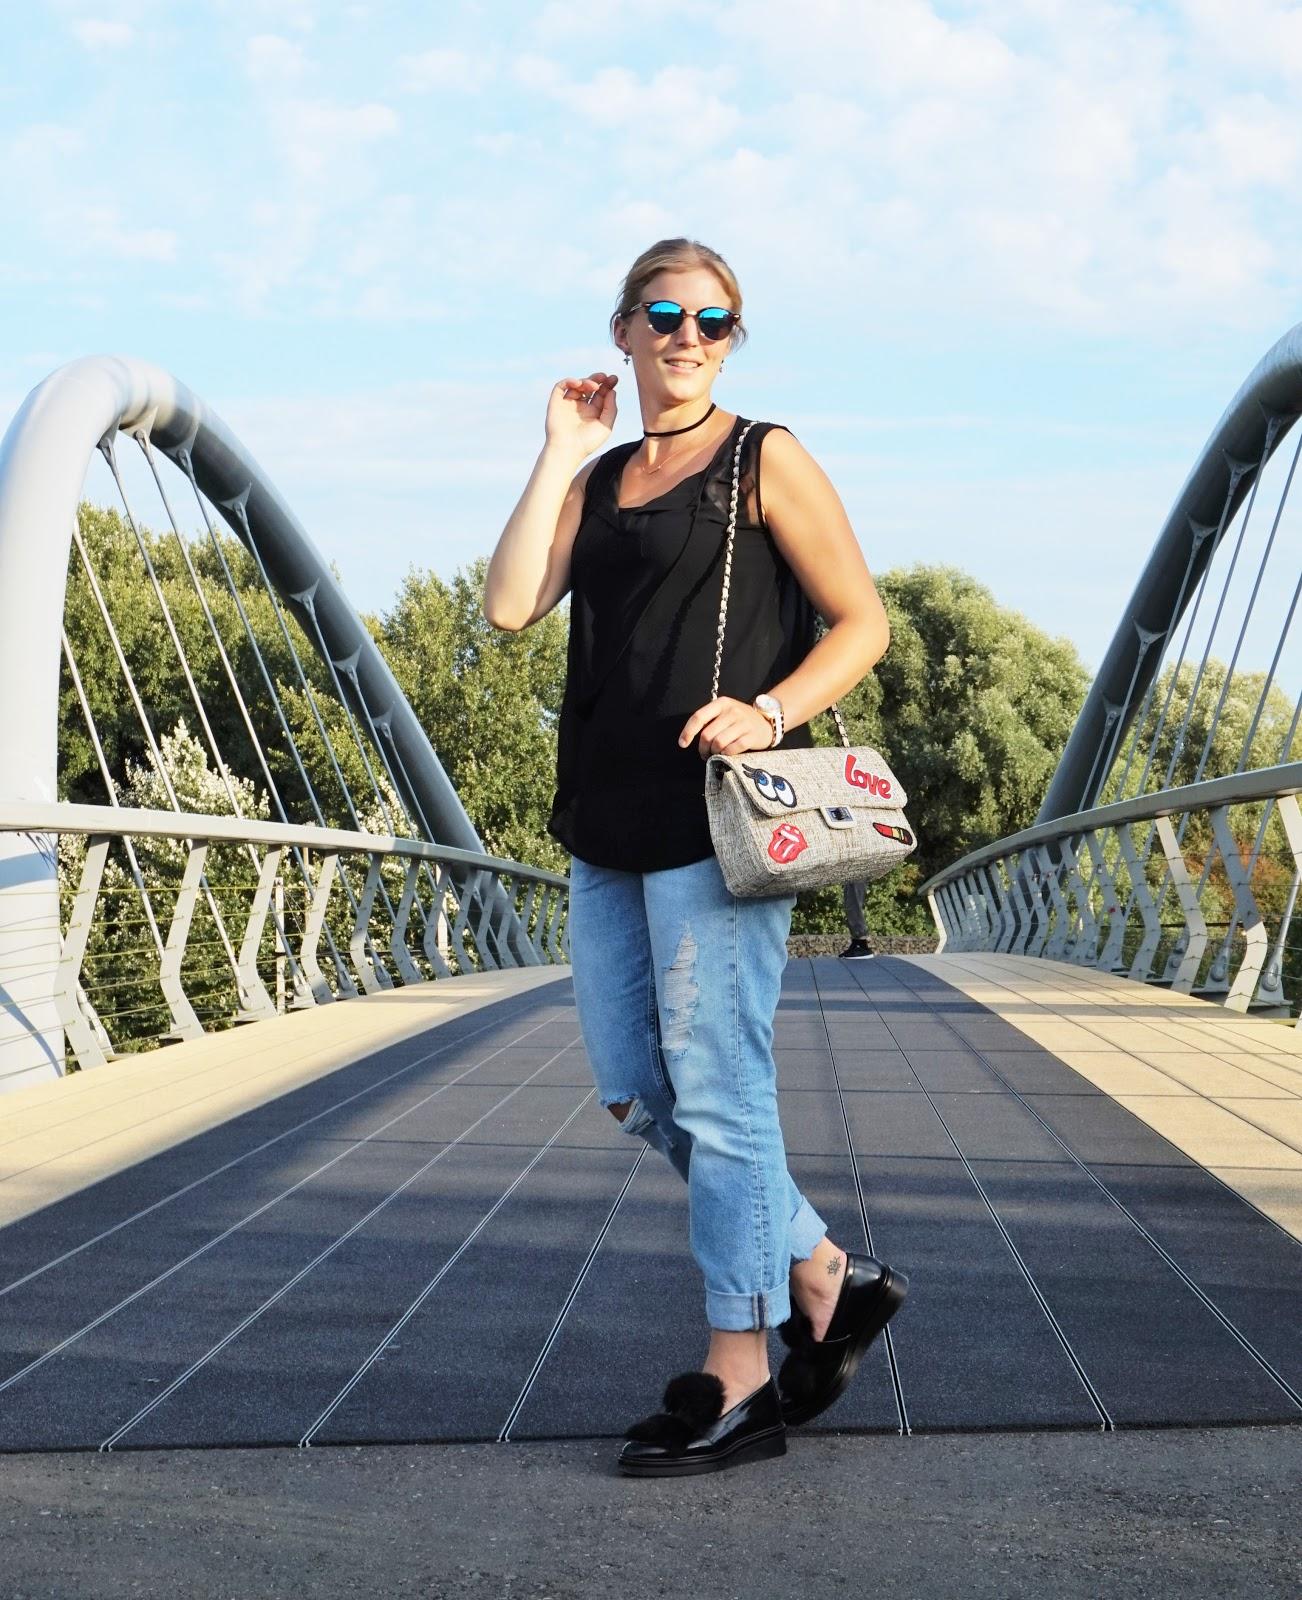 DSC08342 | Eline Van Dingenen